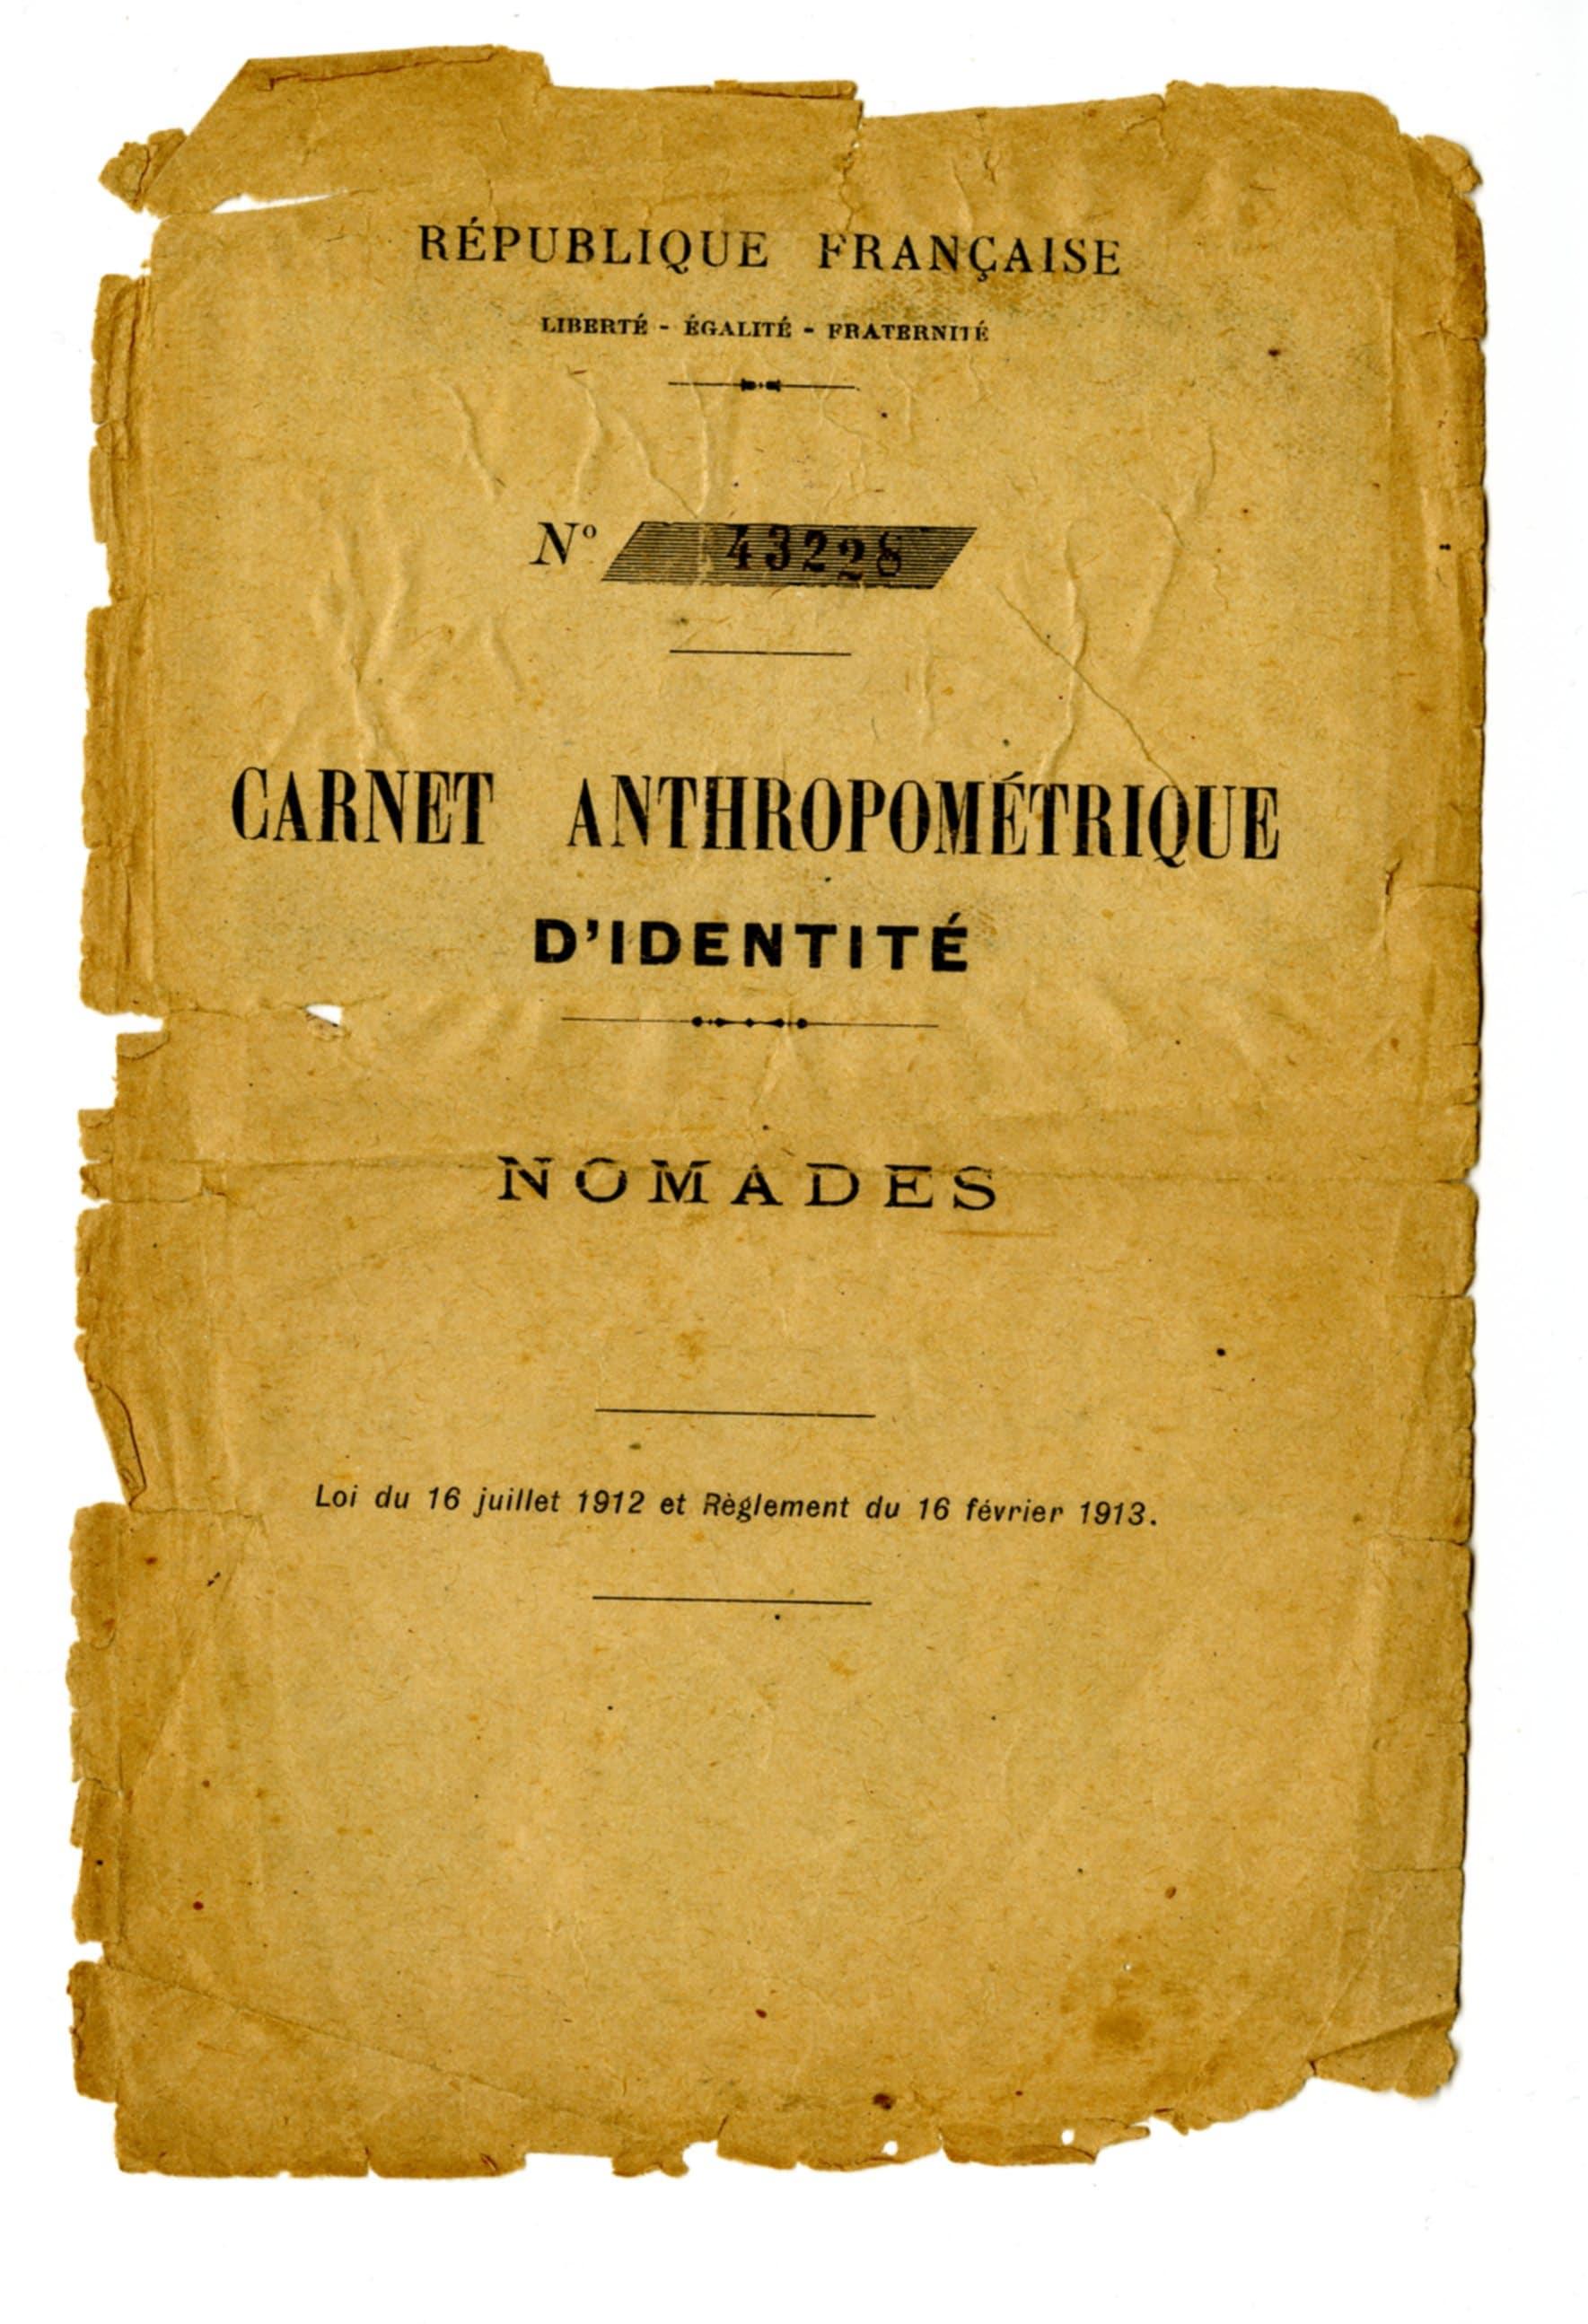 Carnet anthropométrique d'identité - Nomades